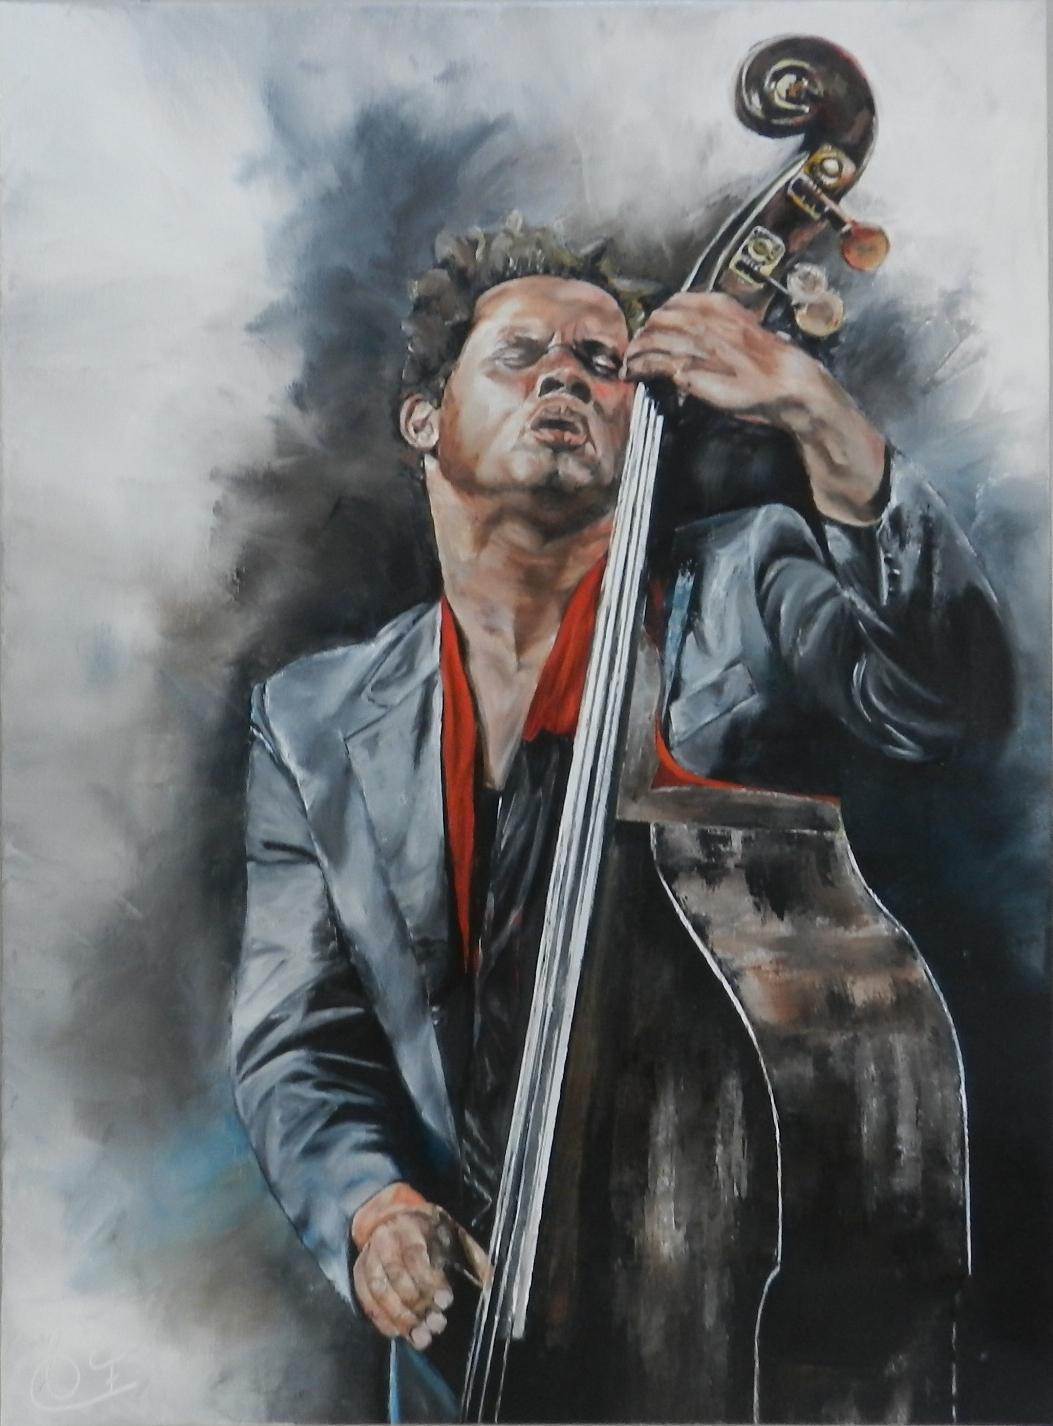 16 08 jazzman 24 (73x54).JPG